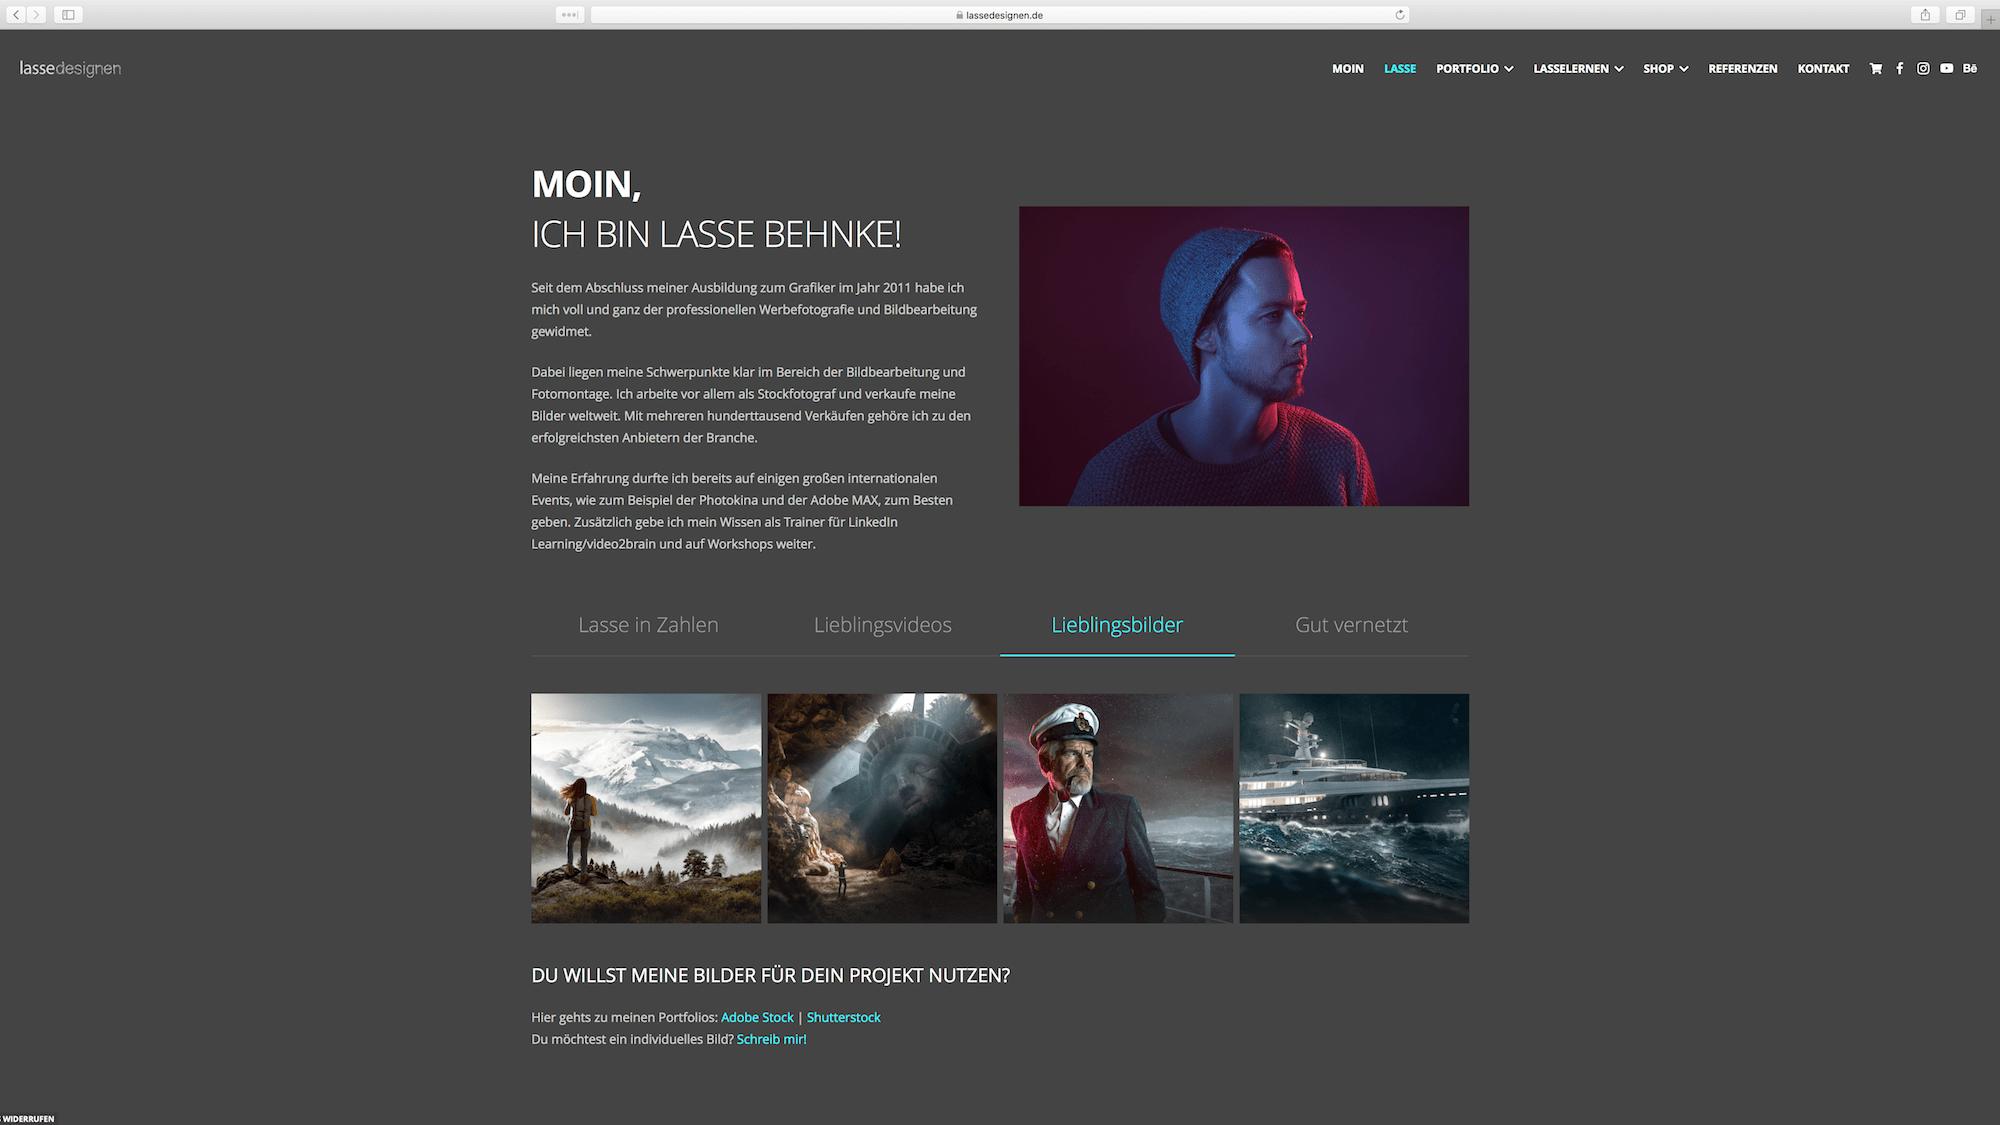 jung und billig werbeagentur lassedesignen fotografie webdesign3 - Lassedesignen